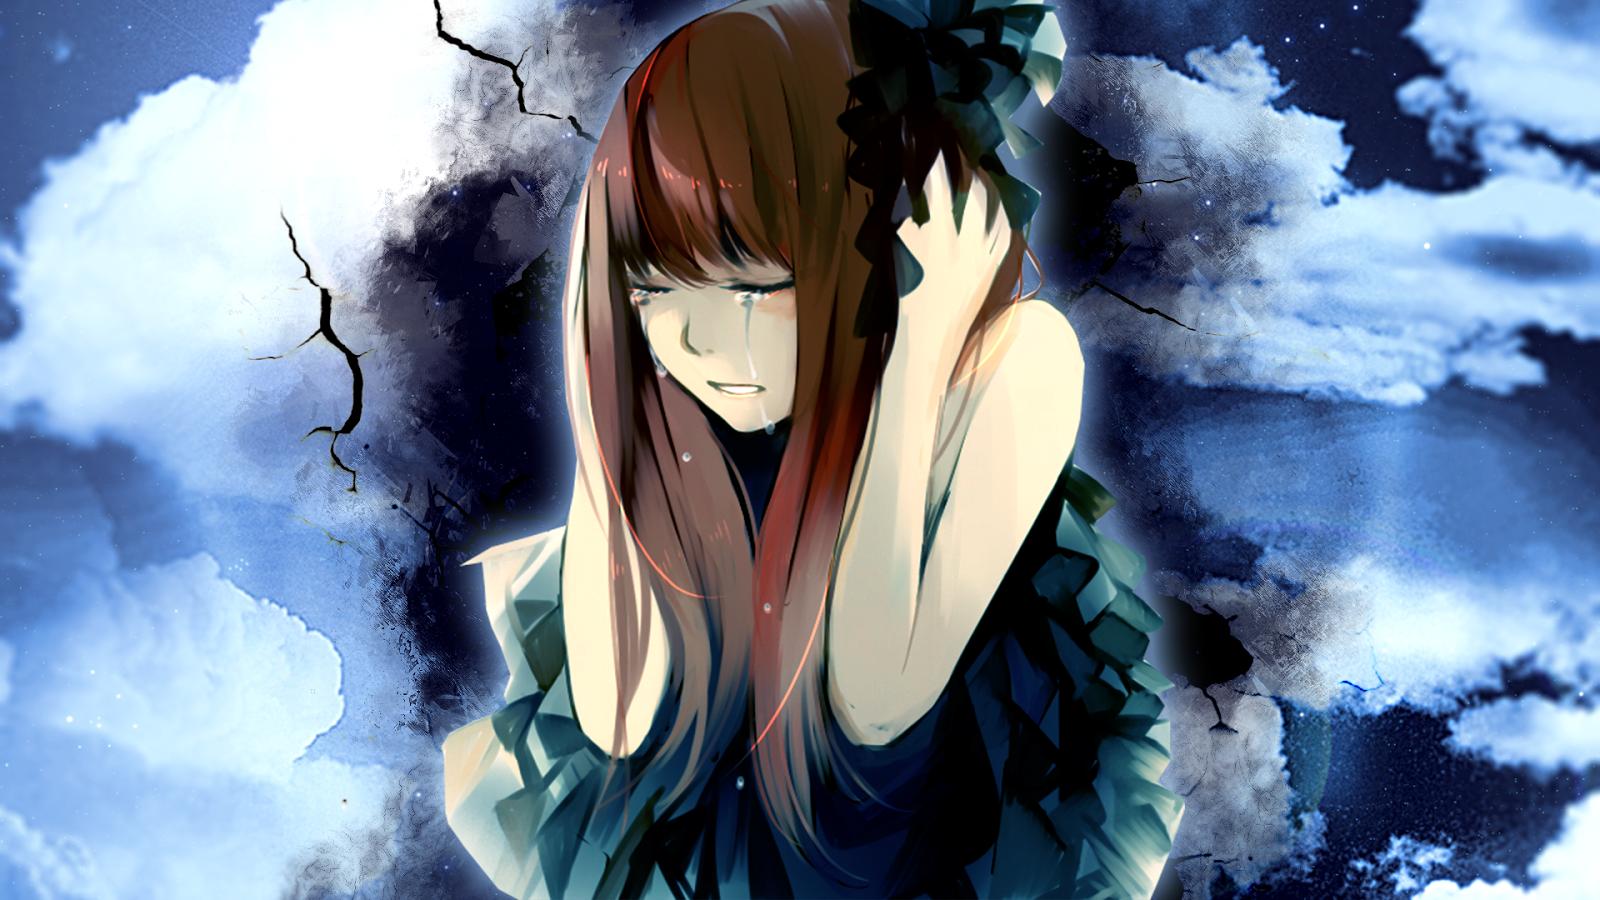 Hình ảnh anime buồn khóc vì tình yêu